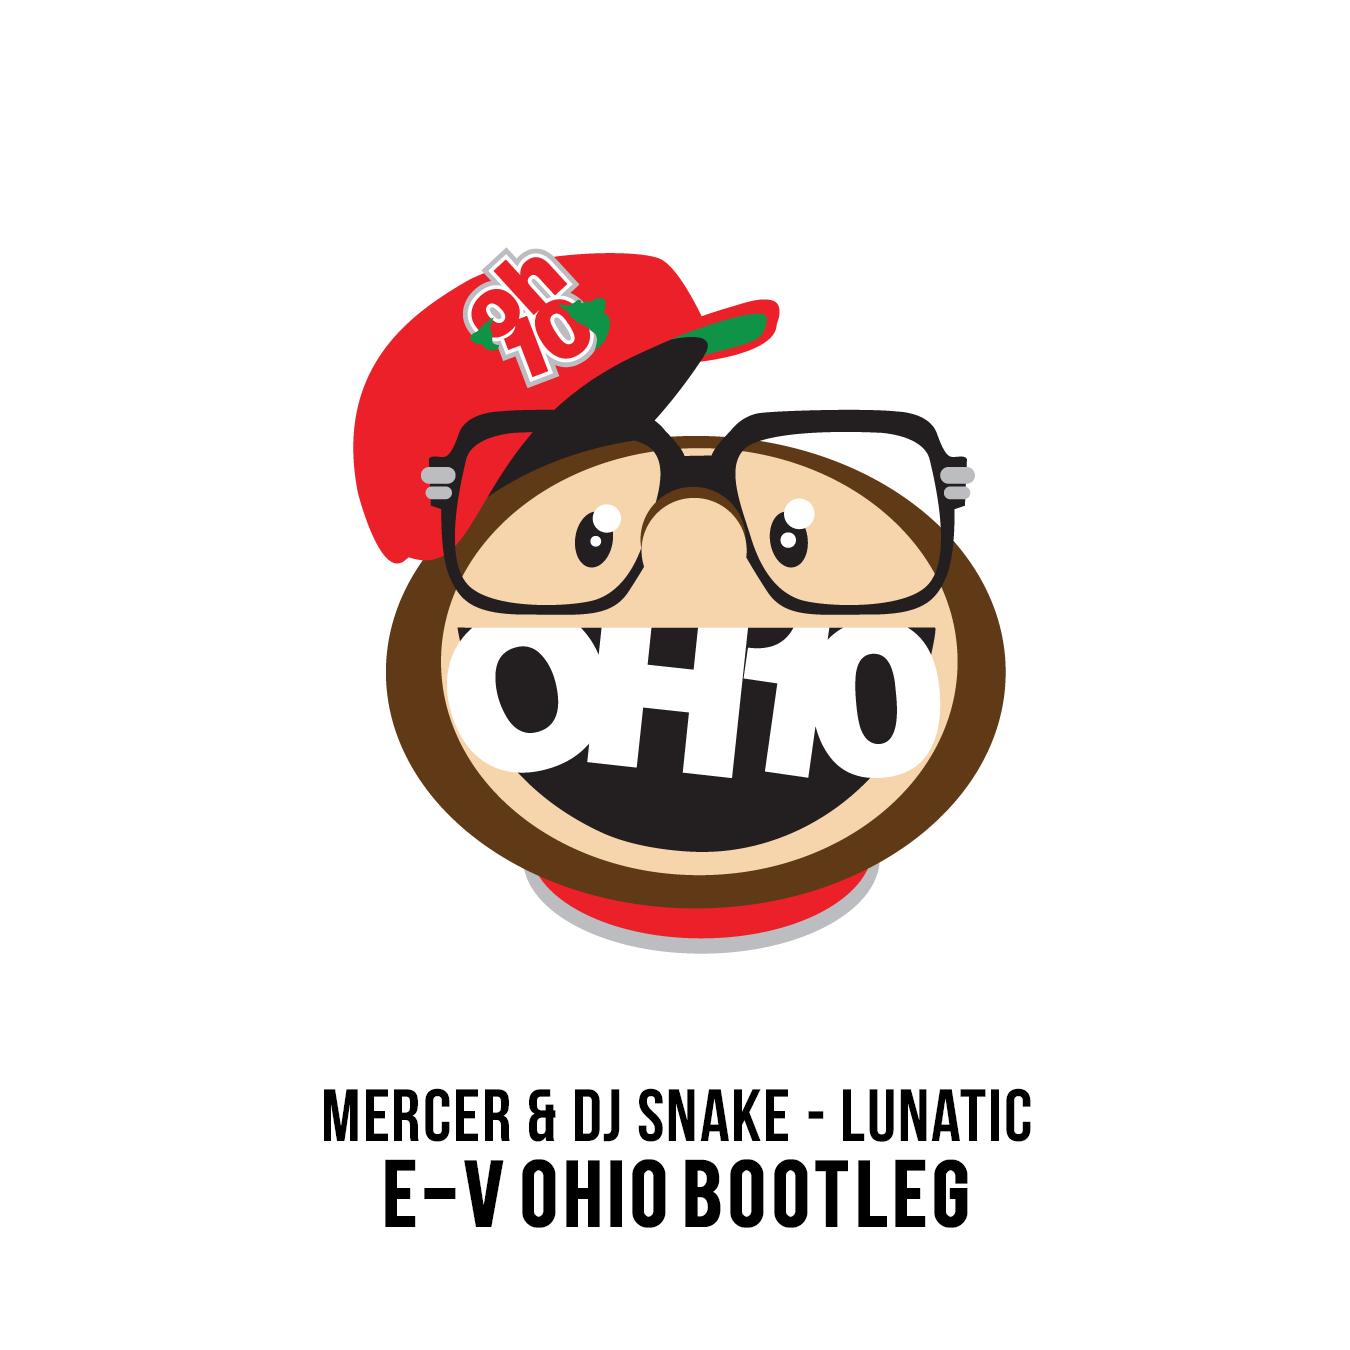 E-V-OHIO